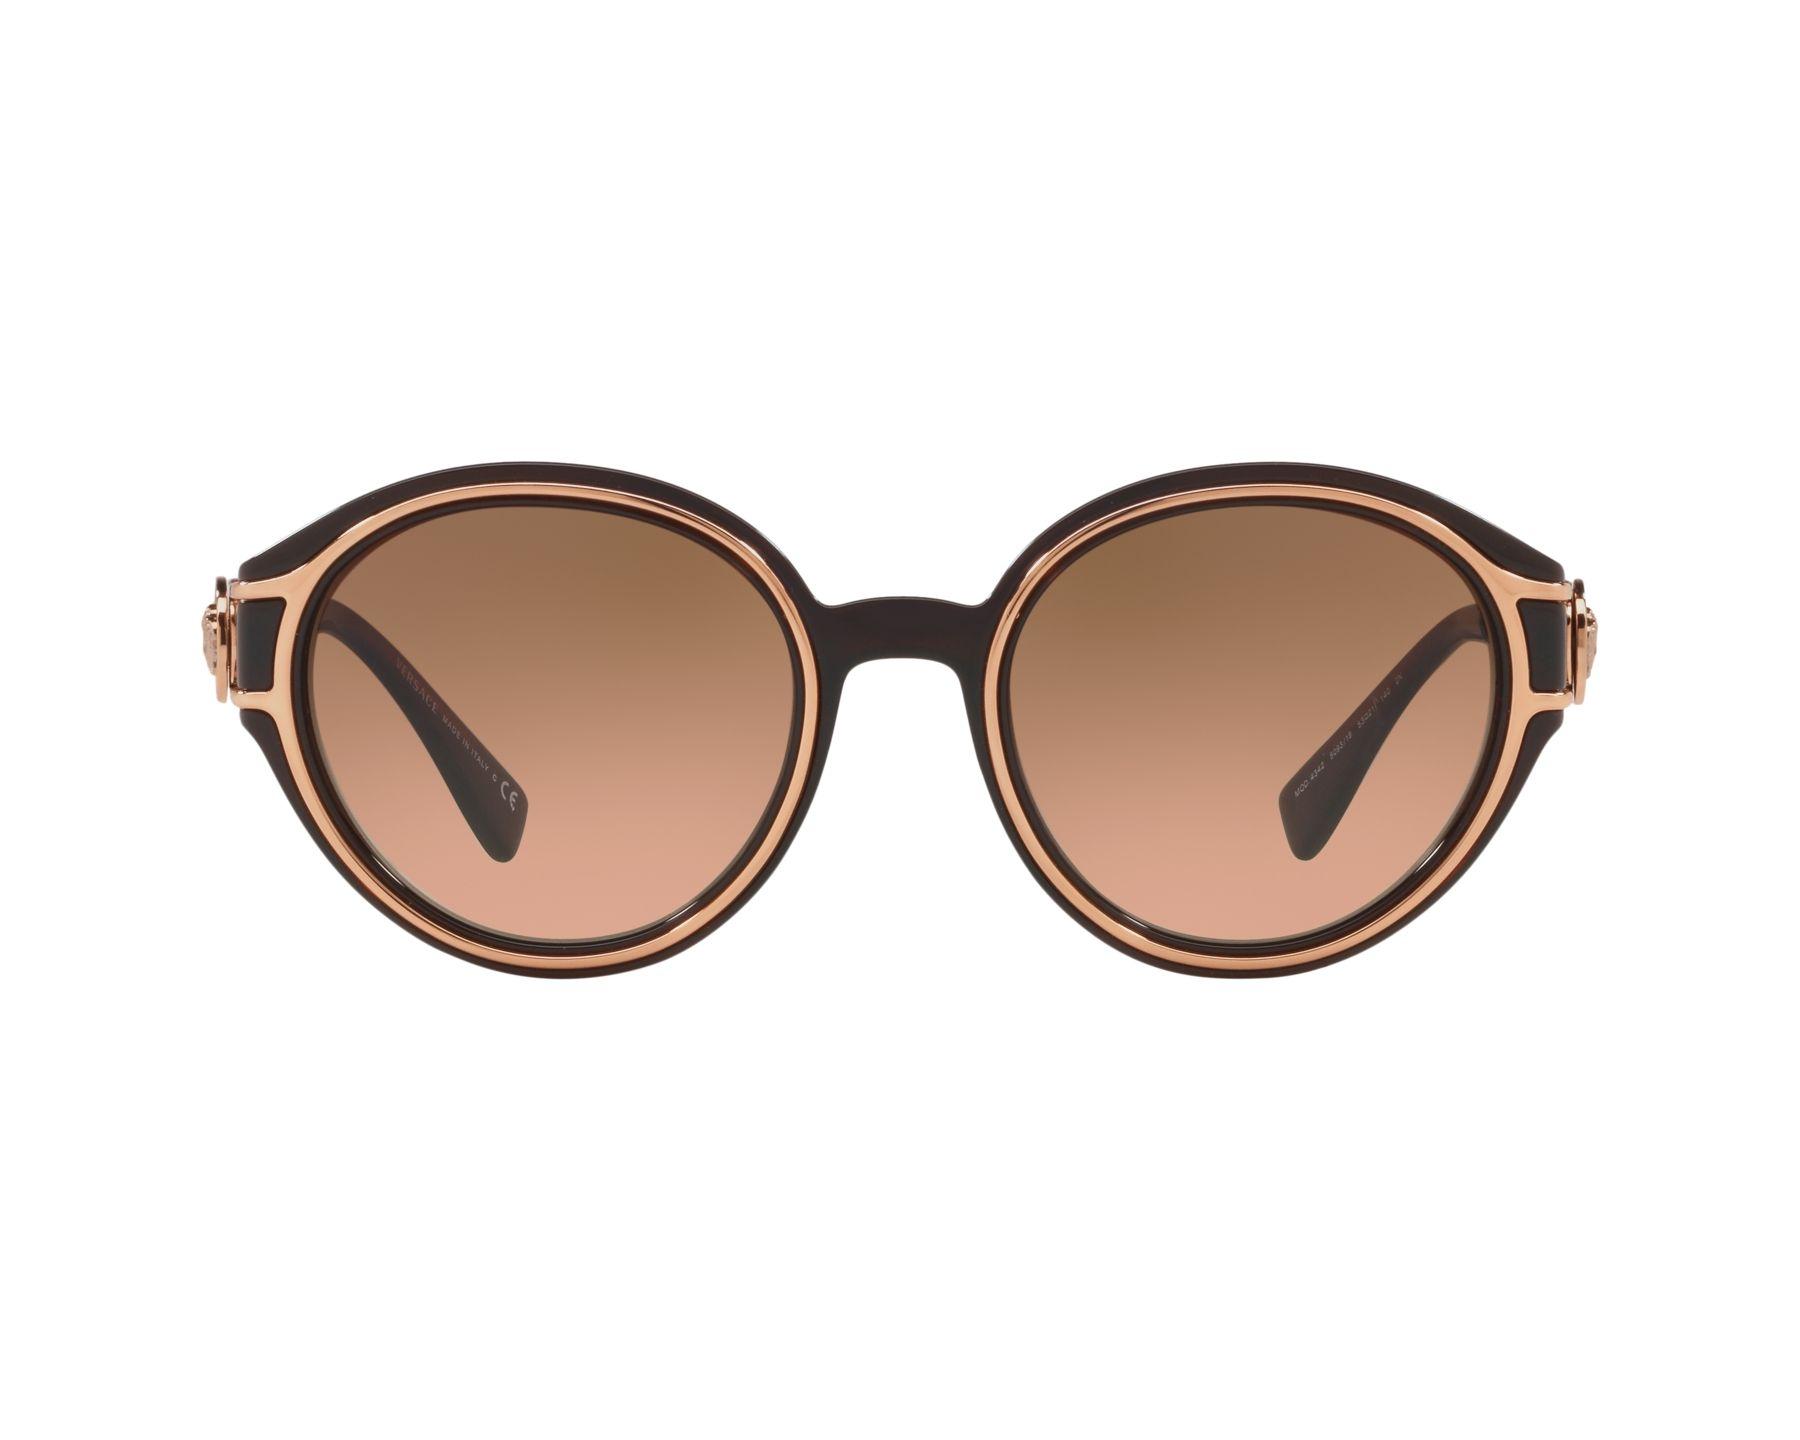 6524aee9e23e2 Sunglasses Versace VE-4342 509318 53-21 Brown Gold Copper 360 degree view 1